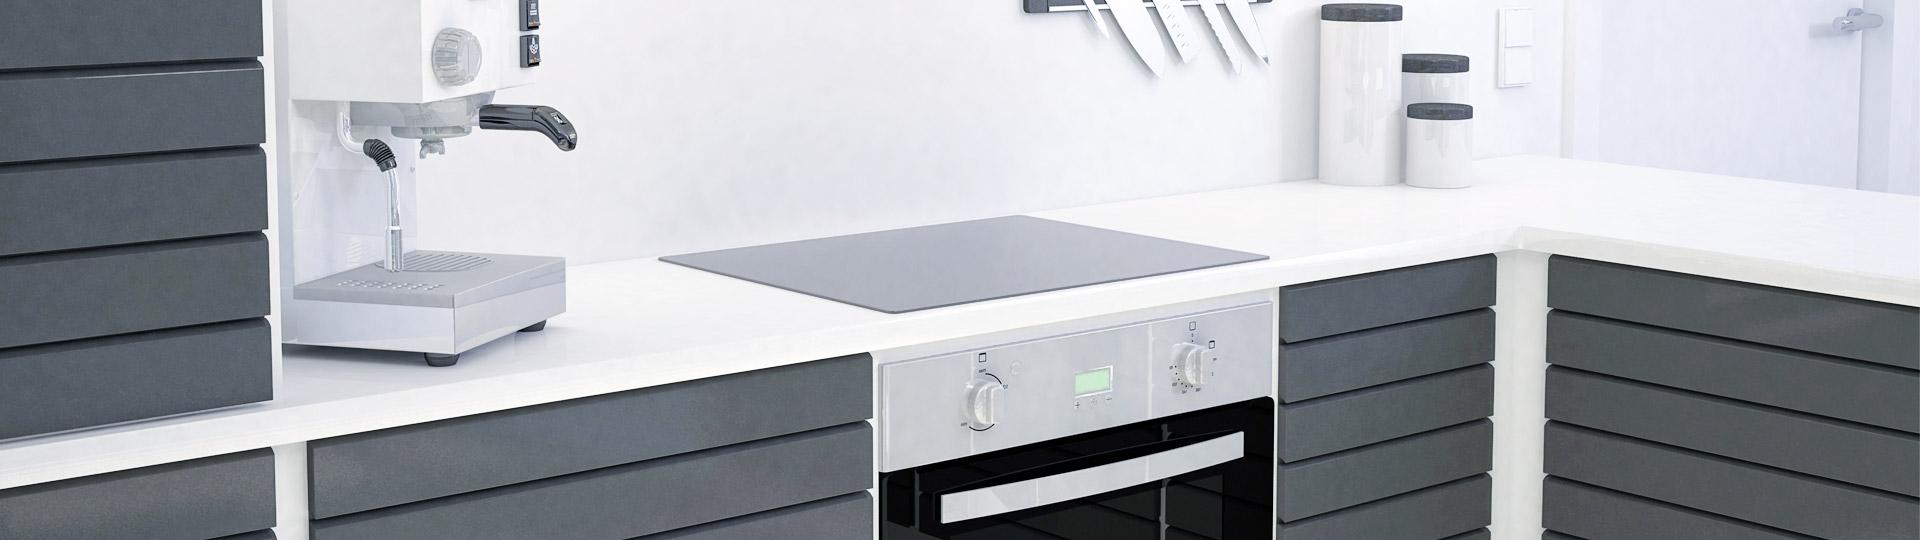 Vendita online accessori e ricambi elettrodomestici della cucina paritec paritec ricambi - Ricambi rubinetti cucina ...